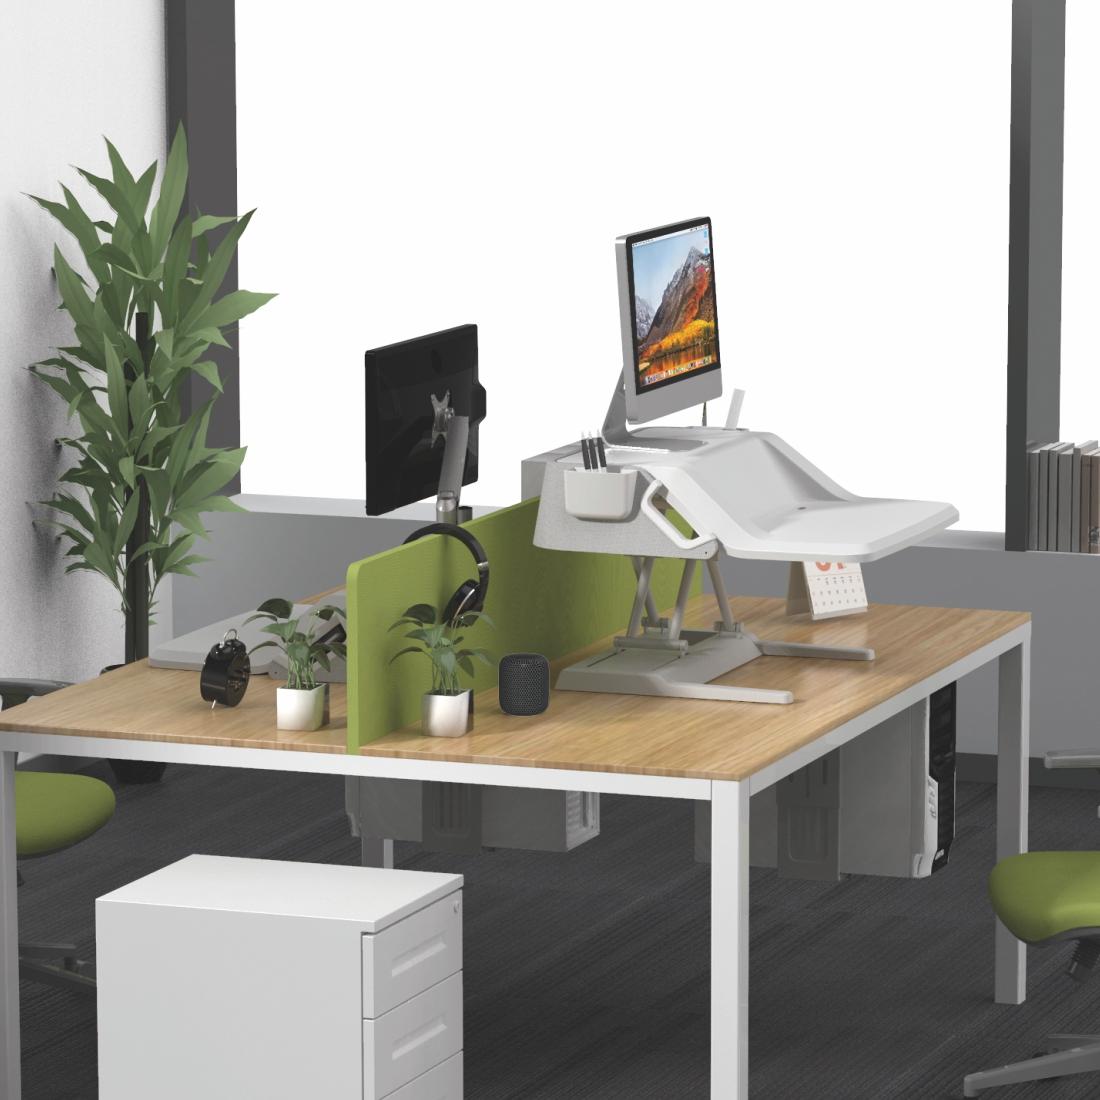 MT106 desk